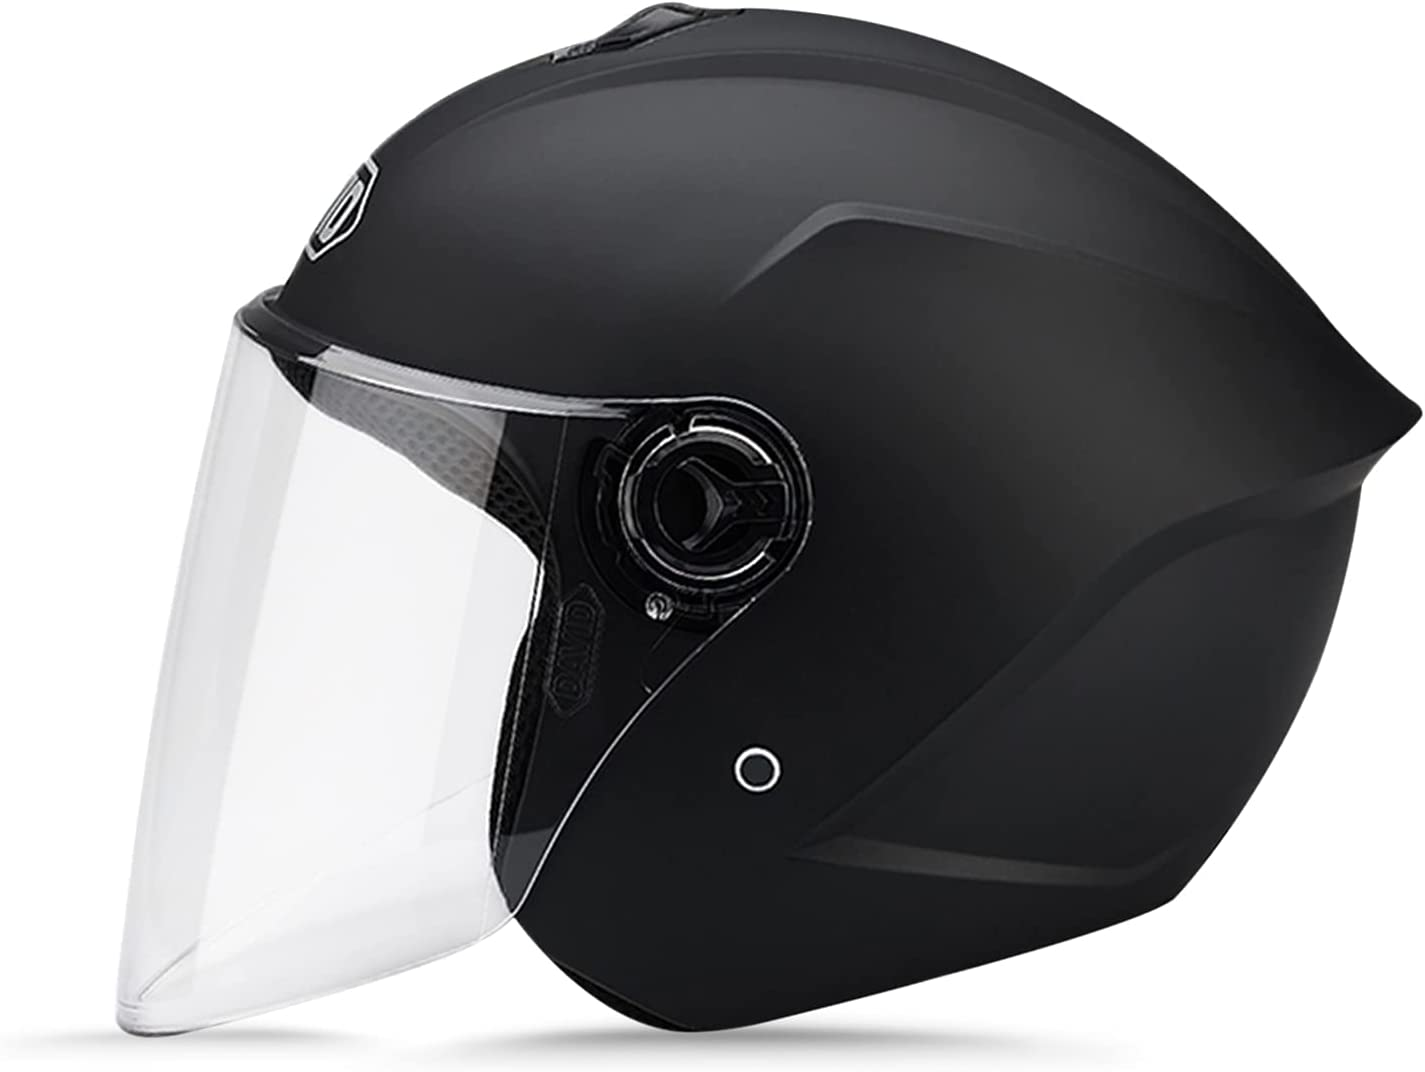 LIONCIANO Cascos De Motocicleta para Hombres y Mujeres, Cascos De Ciclomotor con Viseras.El Cabezal Anticolisión Protege La Seguridad Vial De Los Usuarios